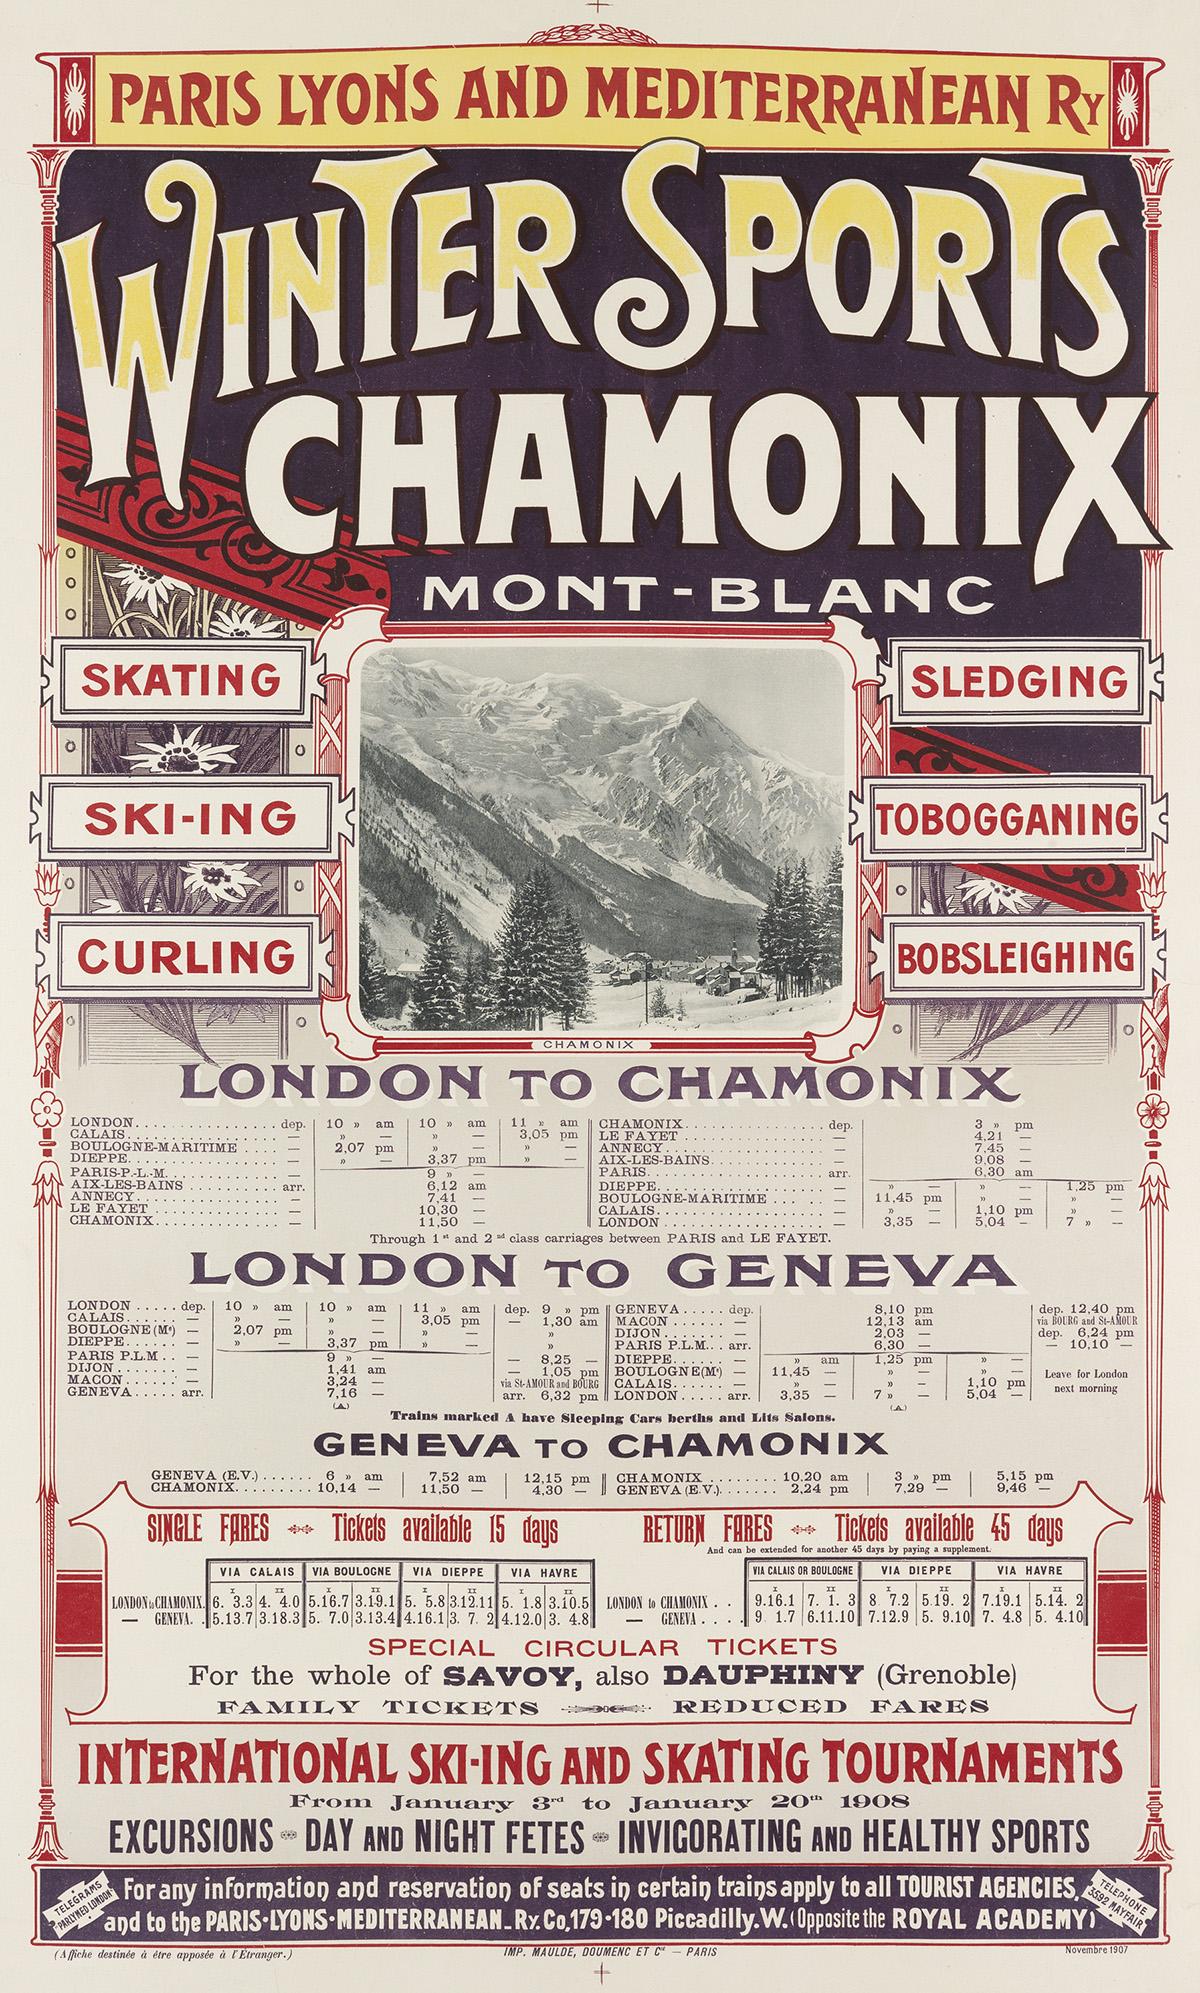 DESIGNER-UNKNOWN-WINTER-SPORTS-CHAMONIX--MONT---BLANC-1907-4